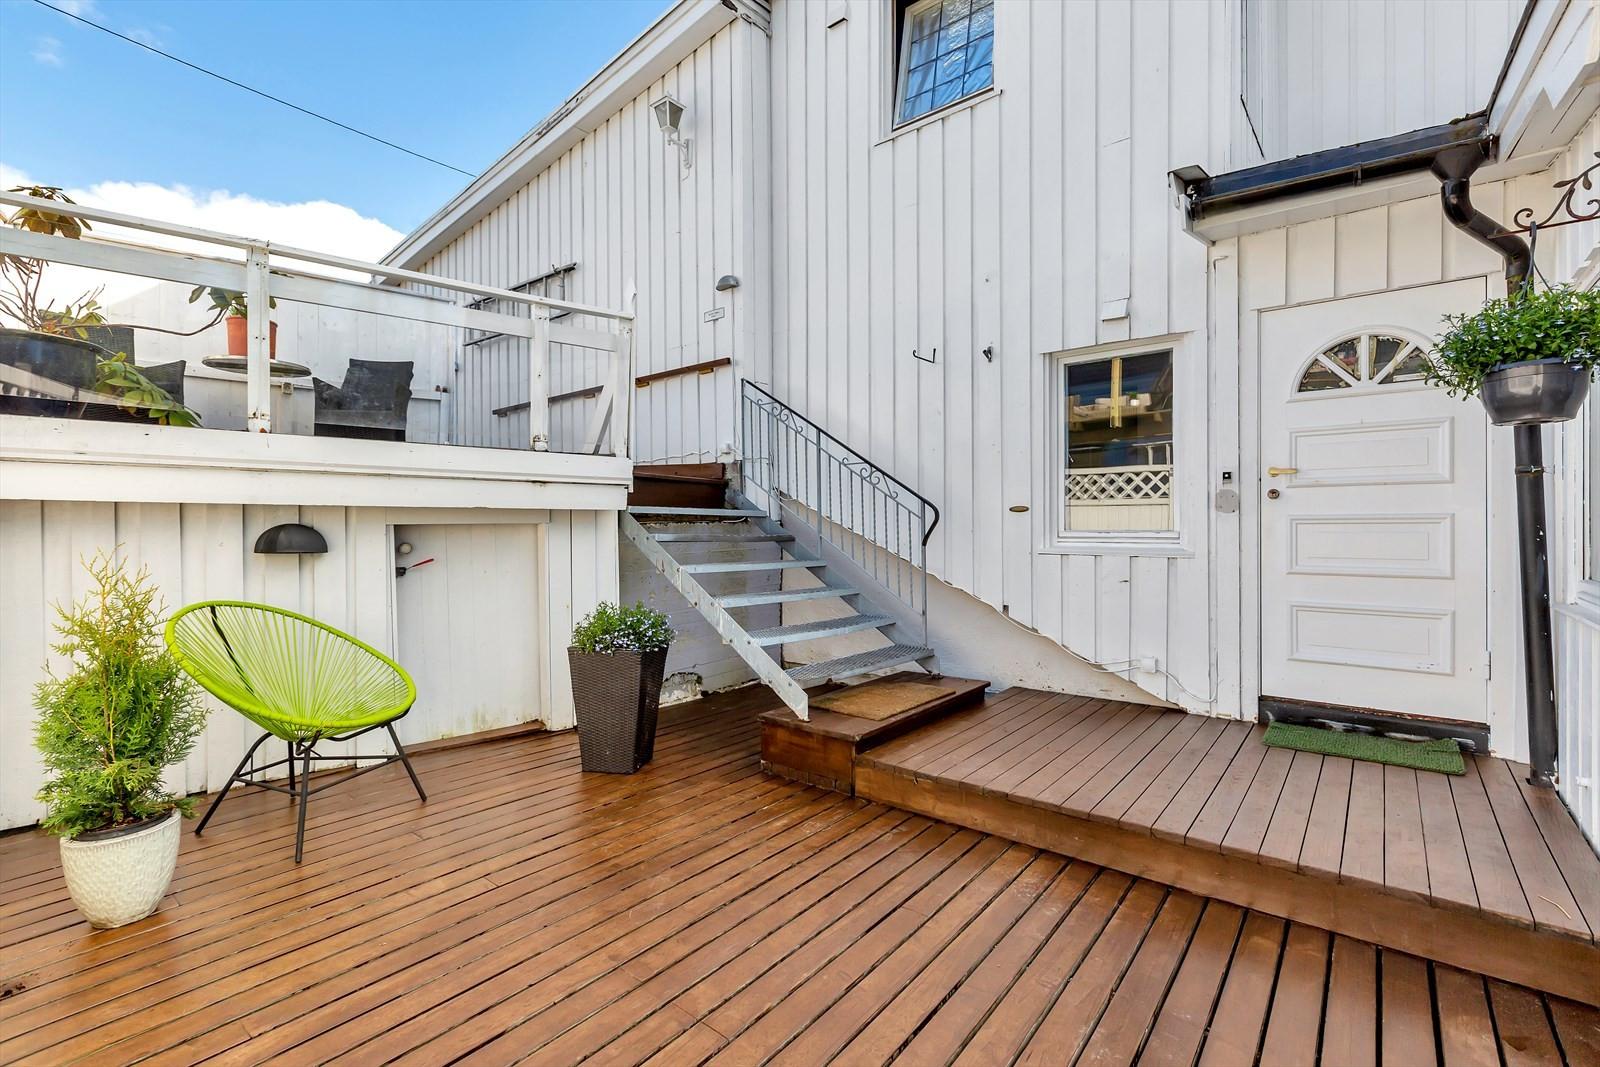 Meget innbydende inngangsparti og en solrik og romslig terrasse og platting rett utenfor boligen.